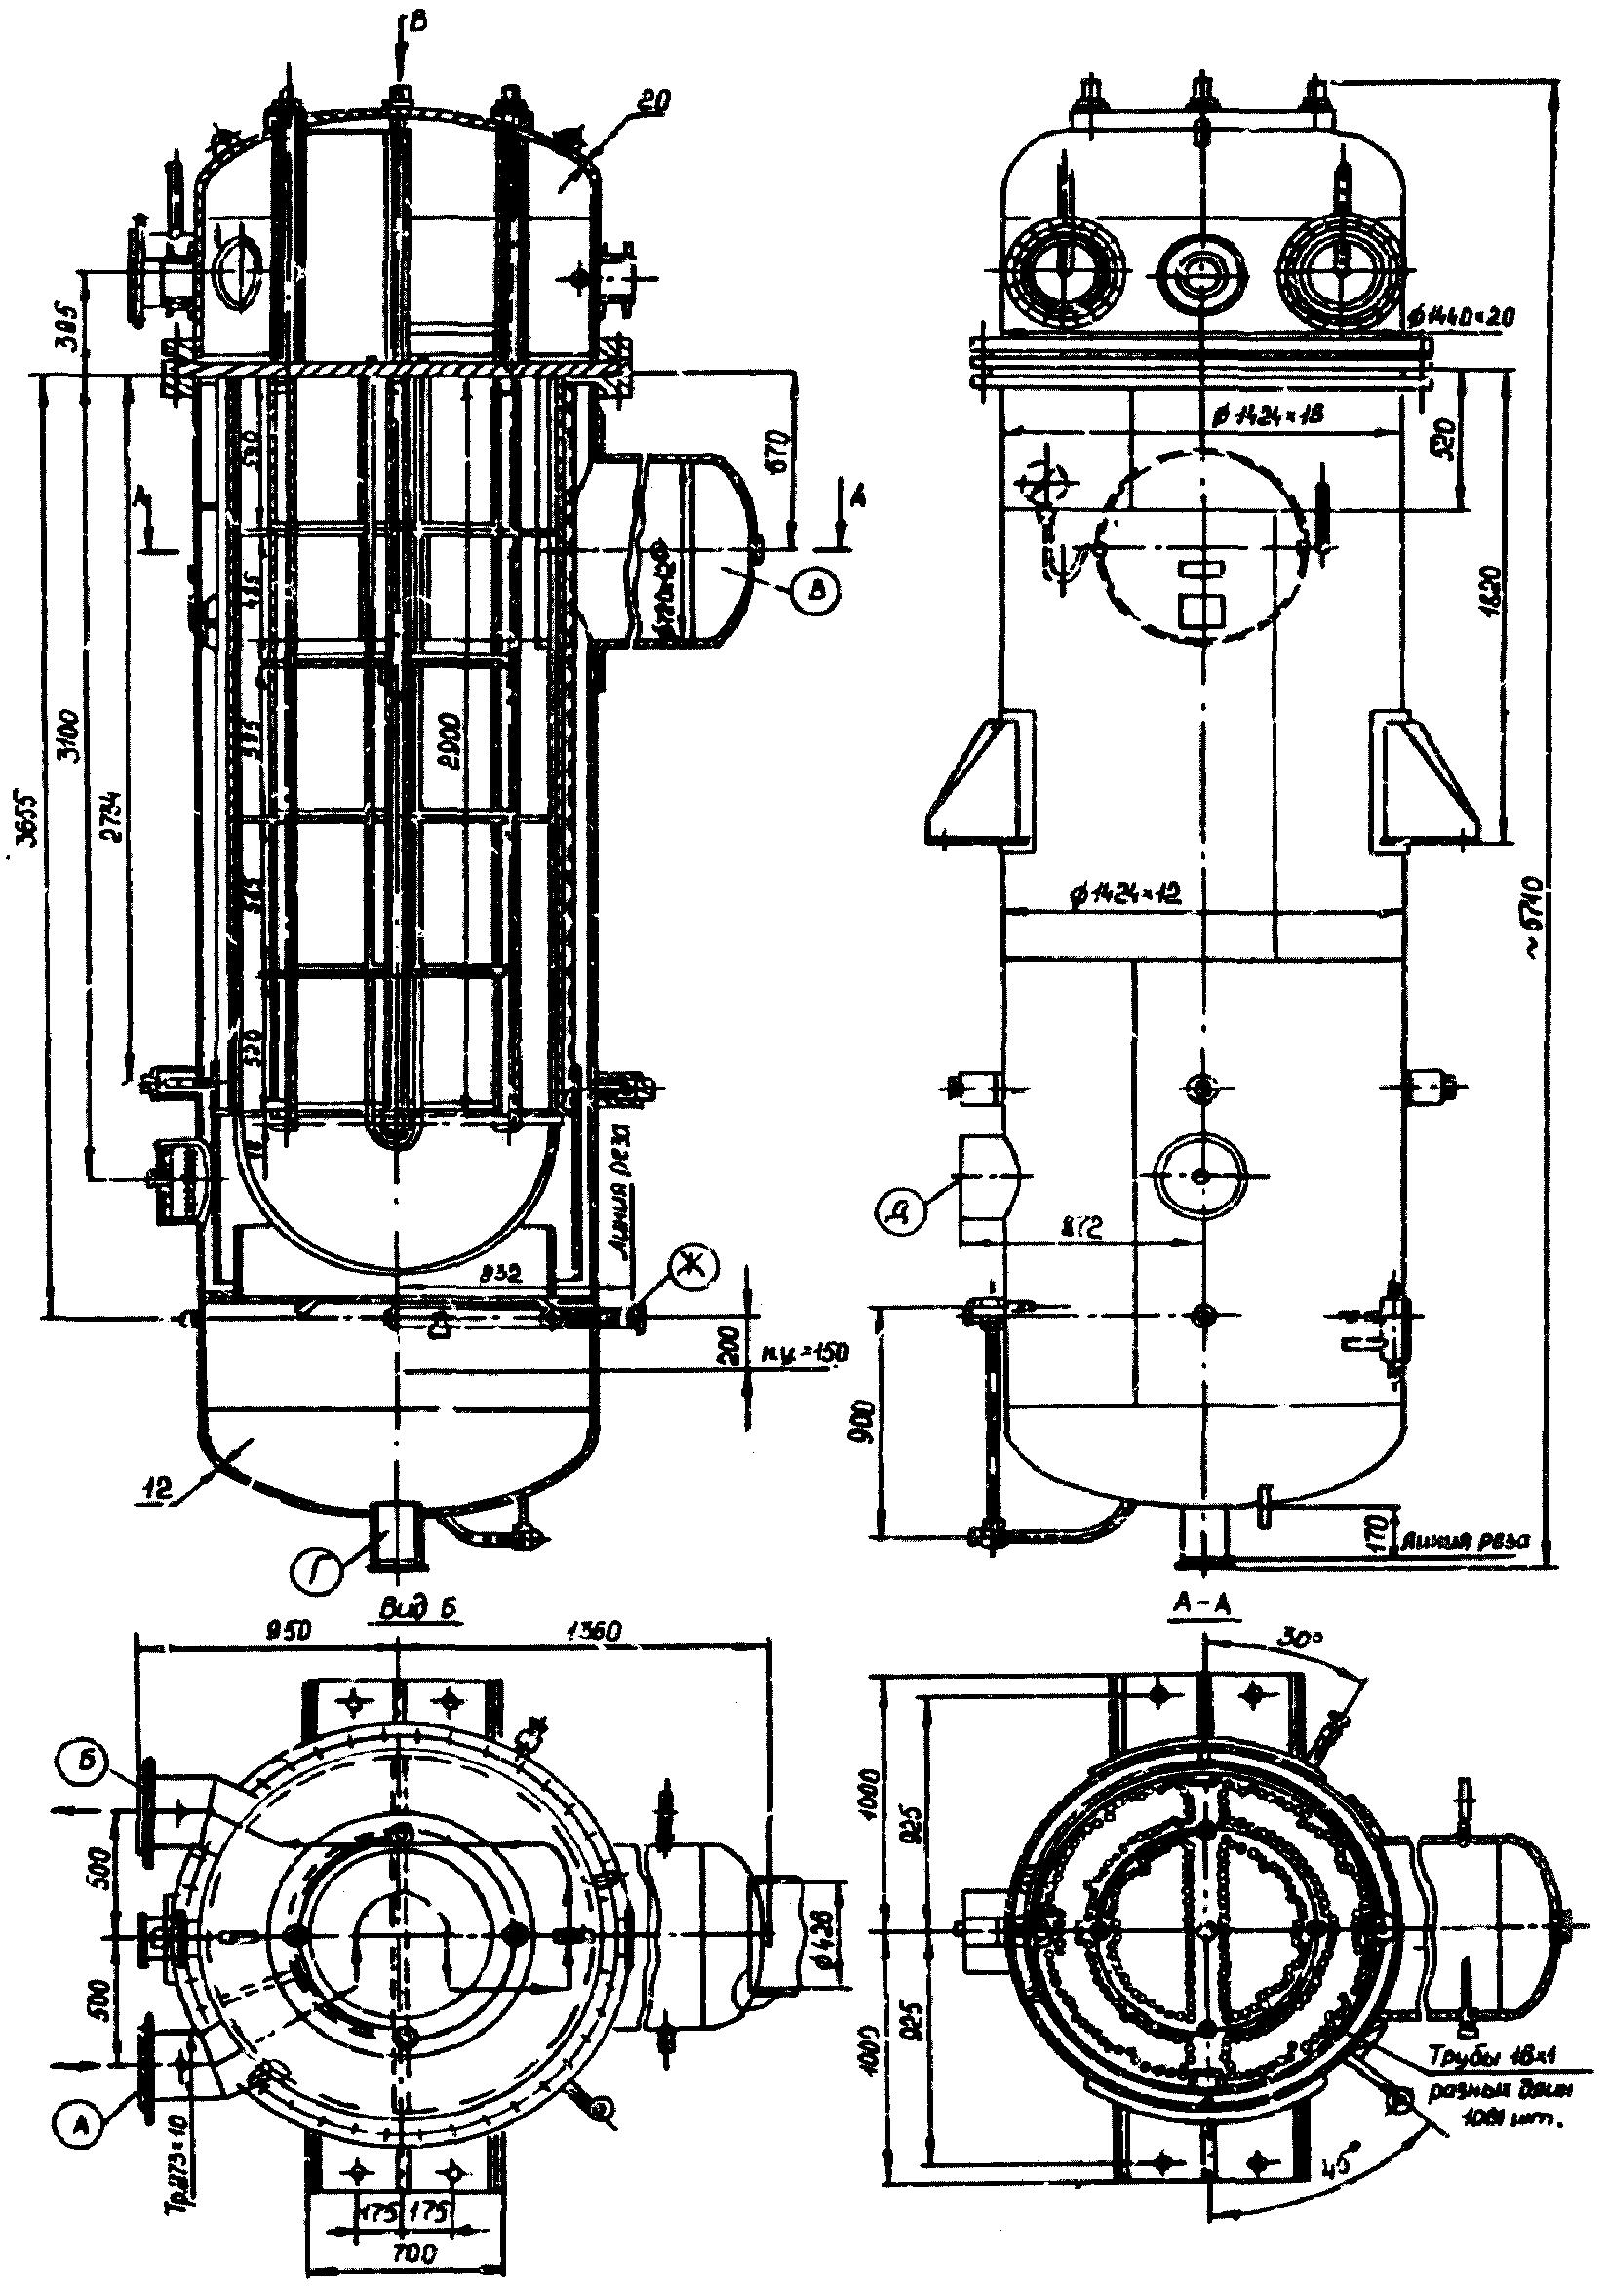 Подогреватель низкого давления ПН 350-16-7 II Кызыл запчасти на котел ферроли теплообменник